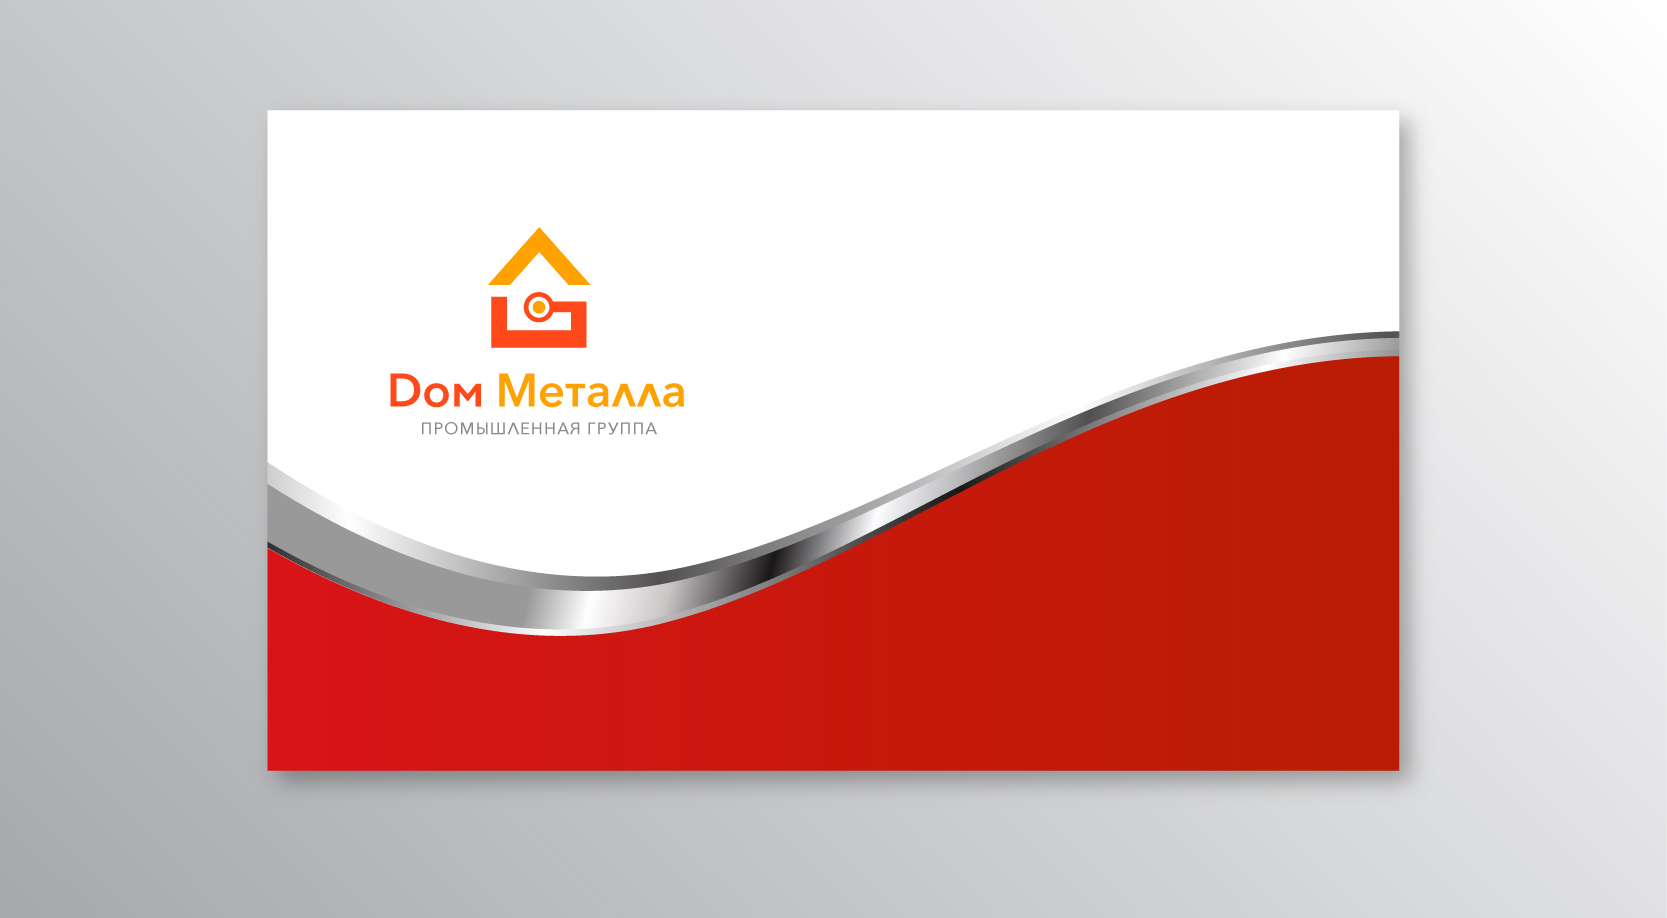 Разработка логотипа фото f_5815c5ad86f4b715.jpg